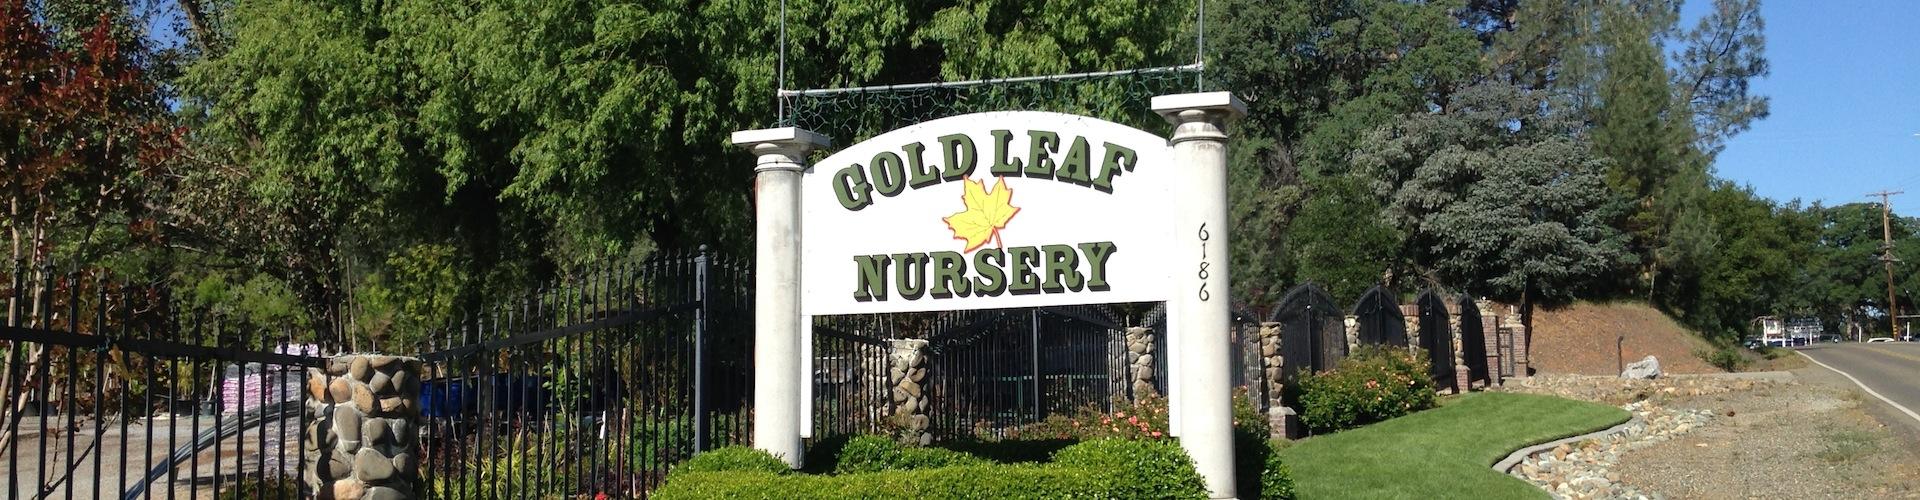 Gold-Leaf-Nursery-Landscaping